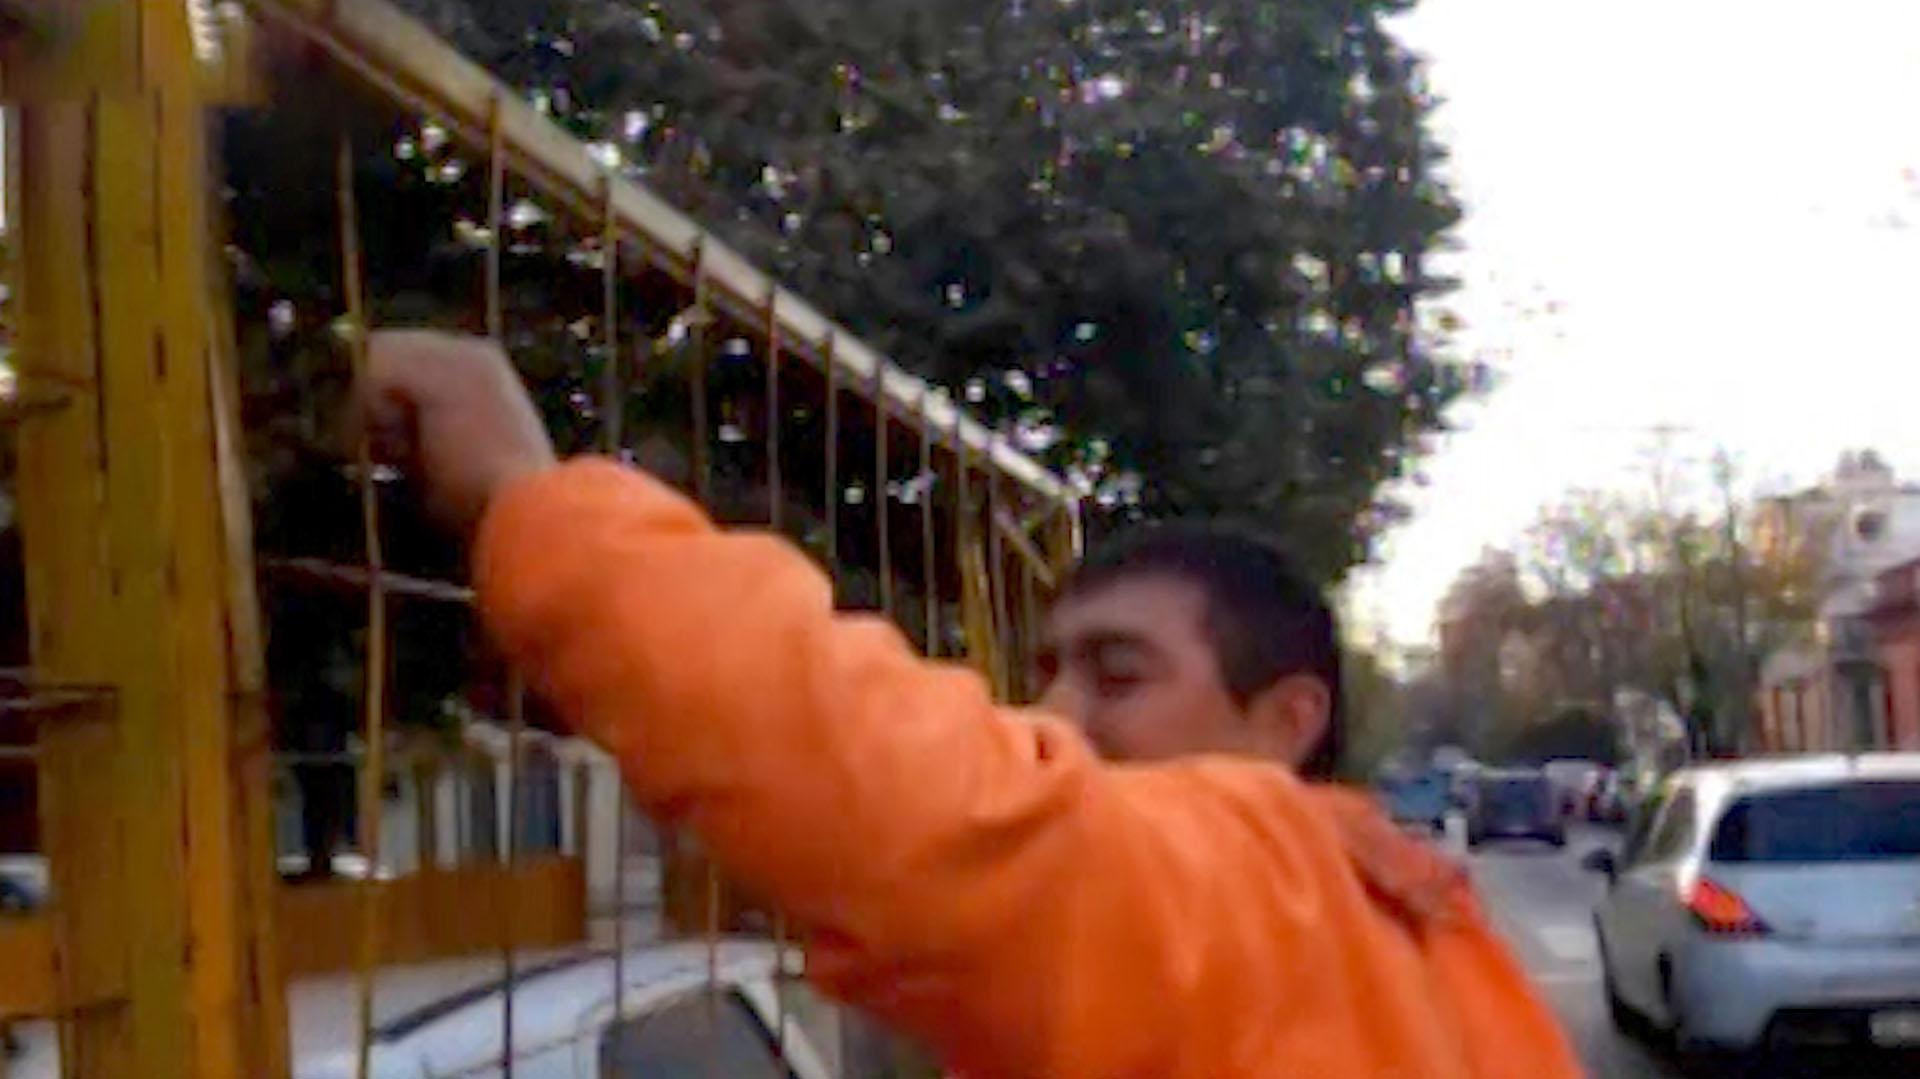 Uno de los trabajadores abrió la reja a la espera de que aparezca el dueño